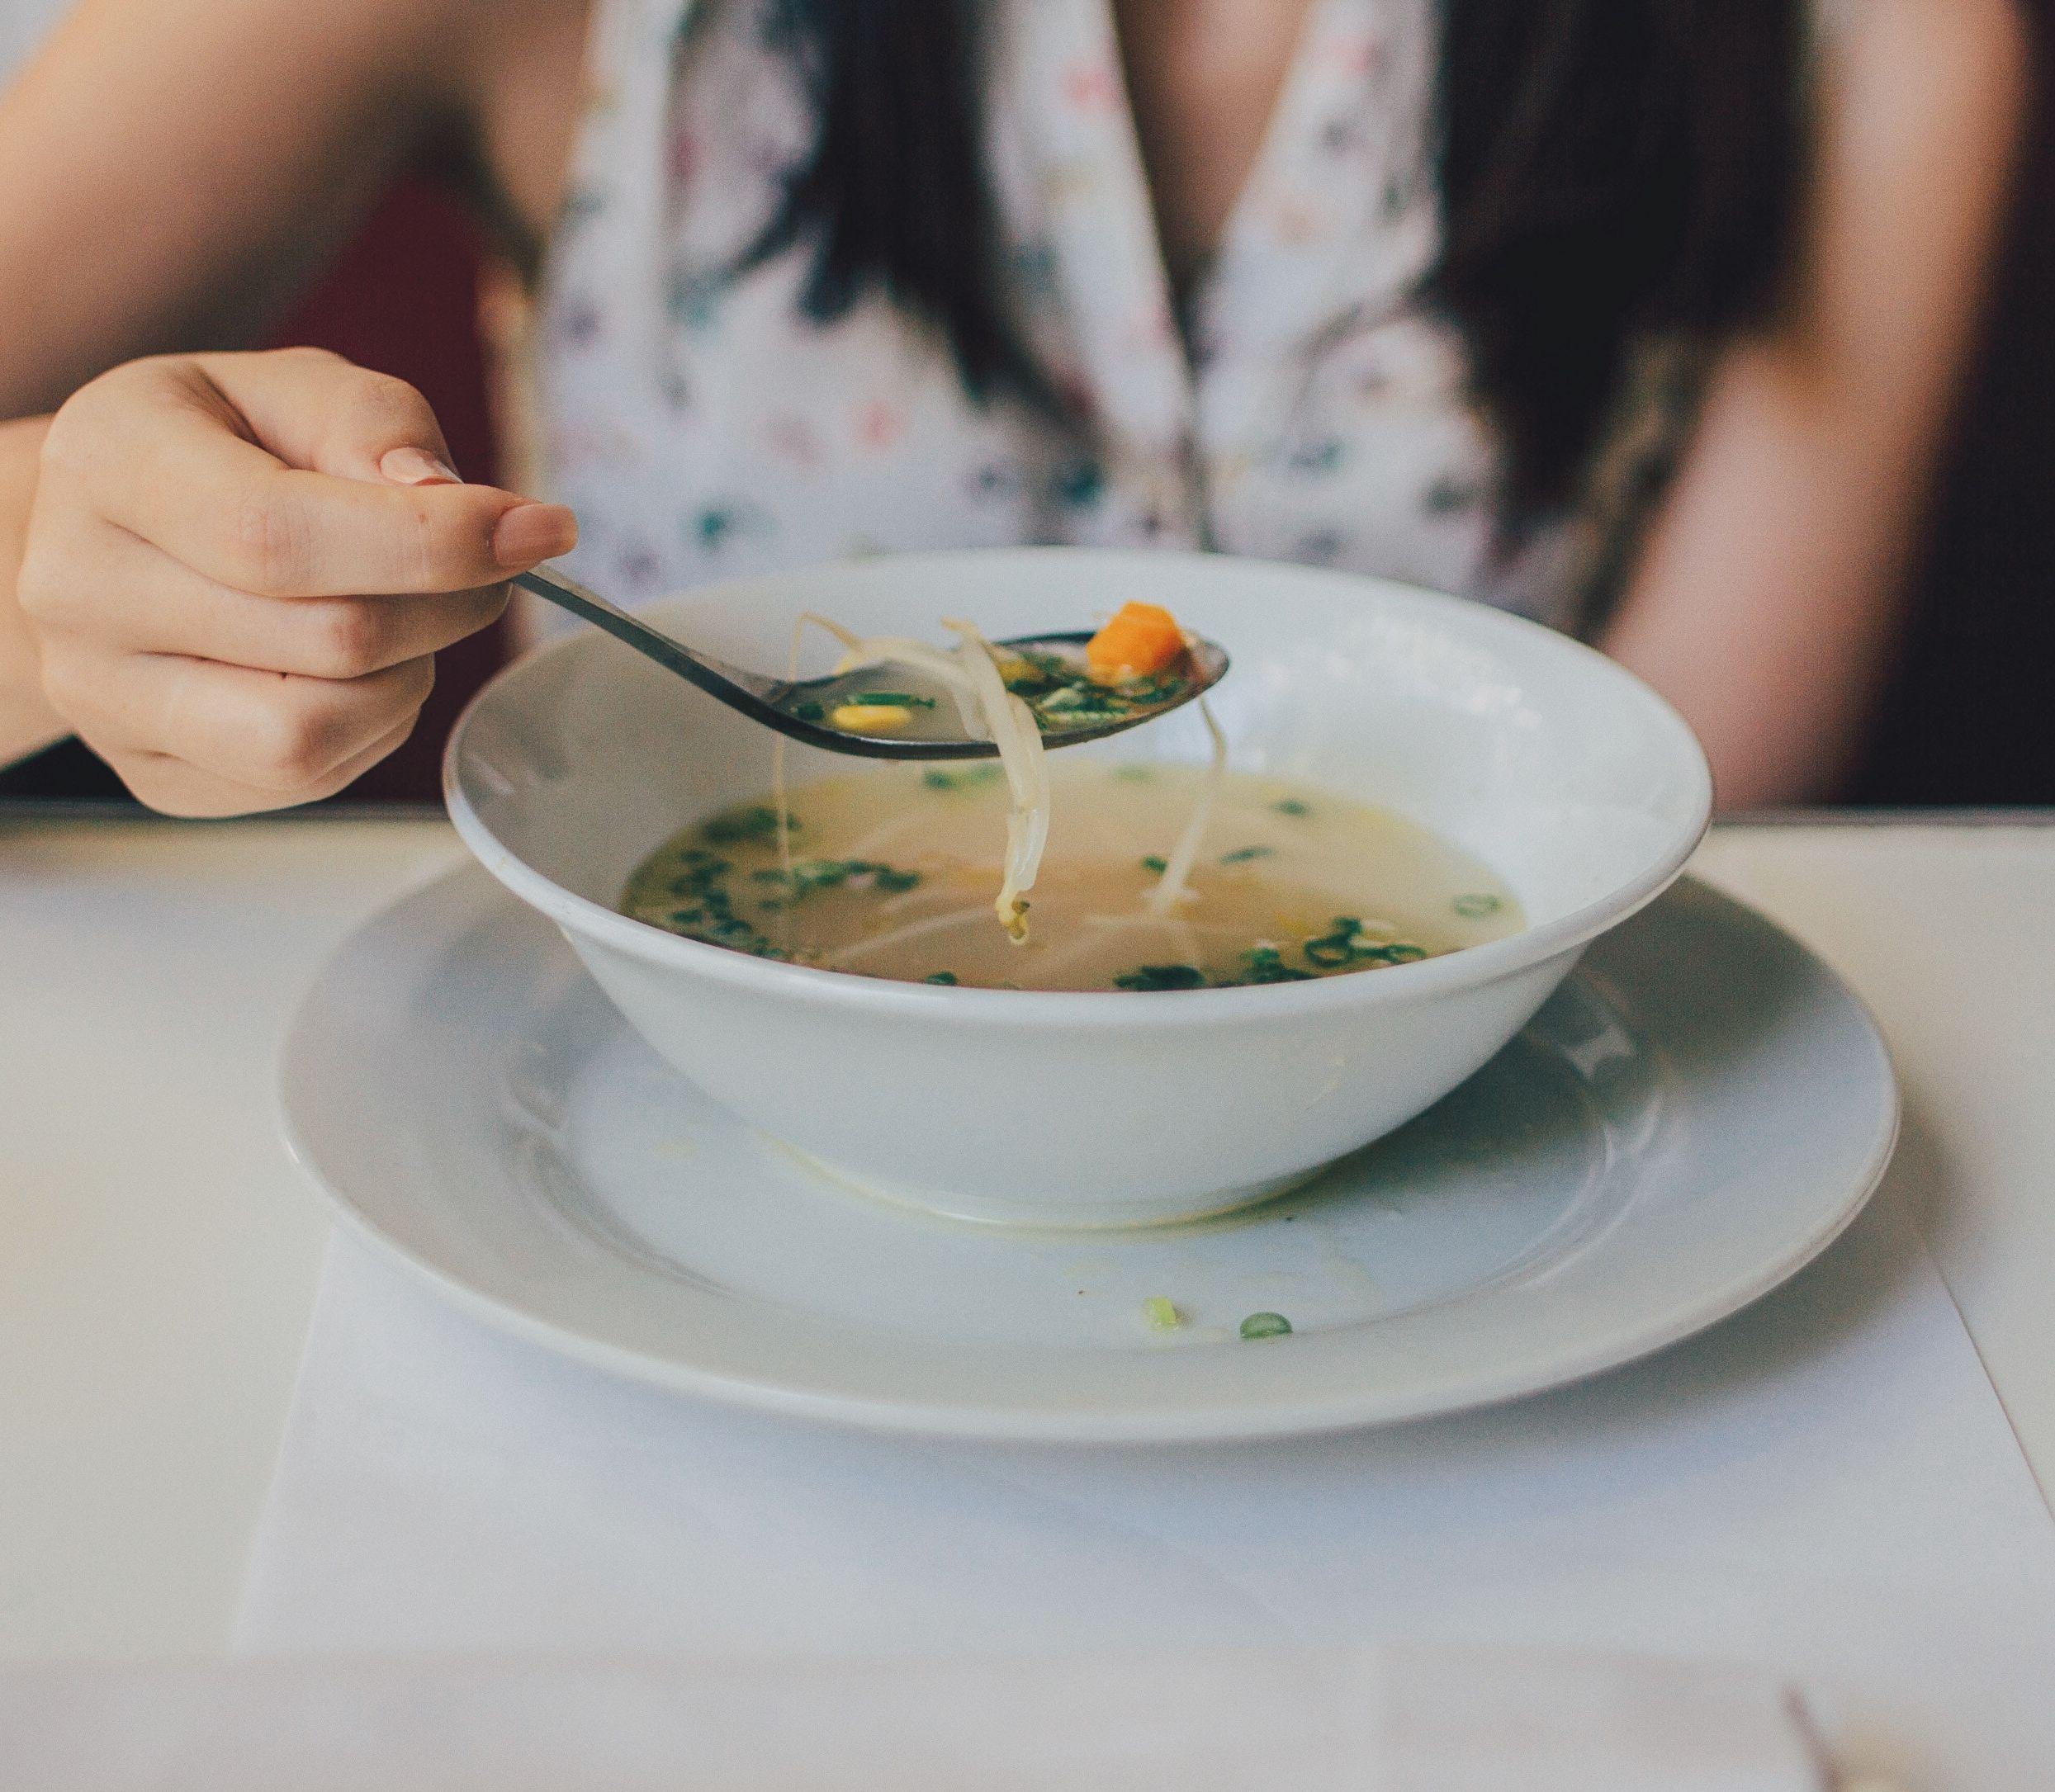 Skvelý pri chorobe aj diéte: V čom spočíva mágia vývaru?